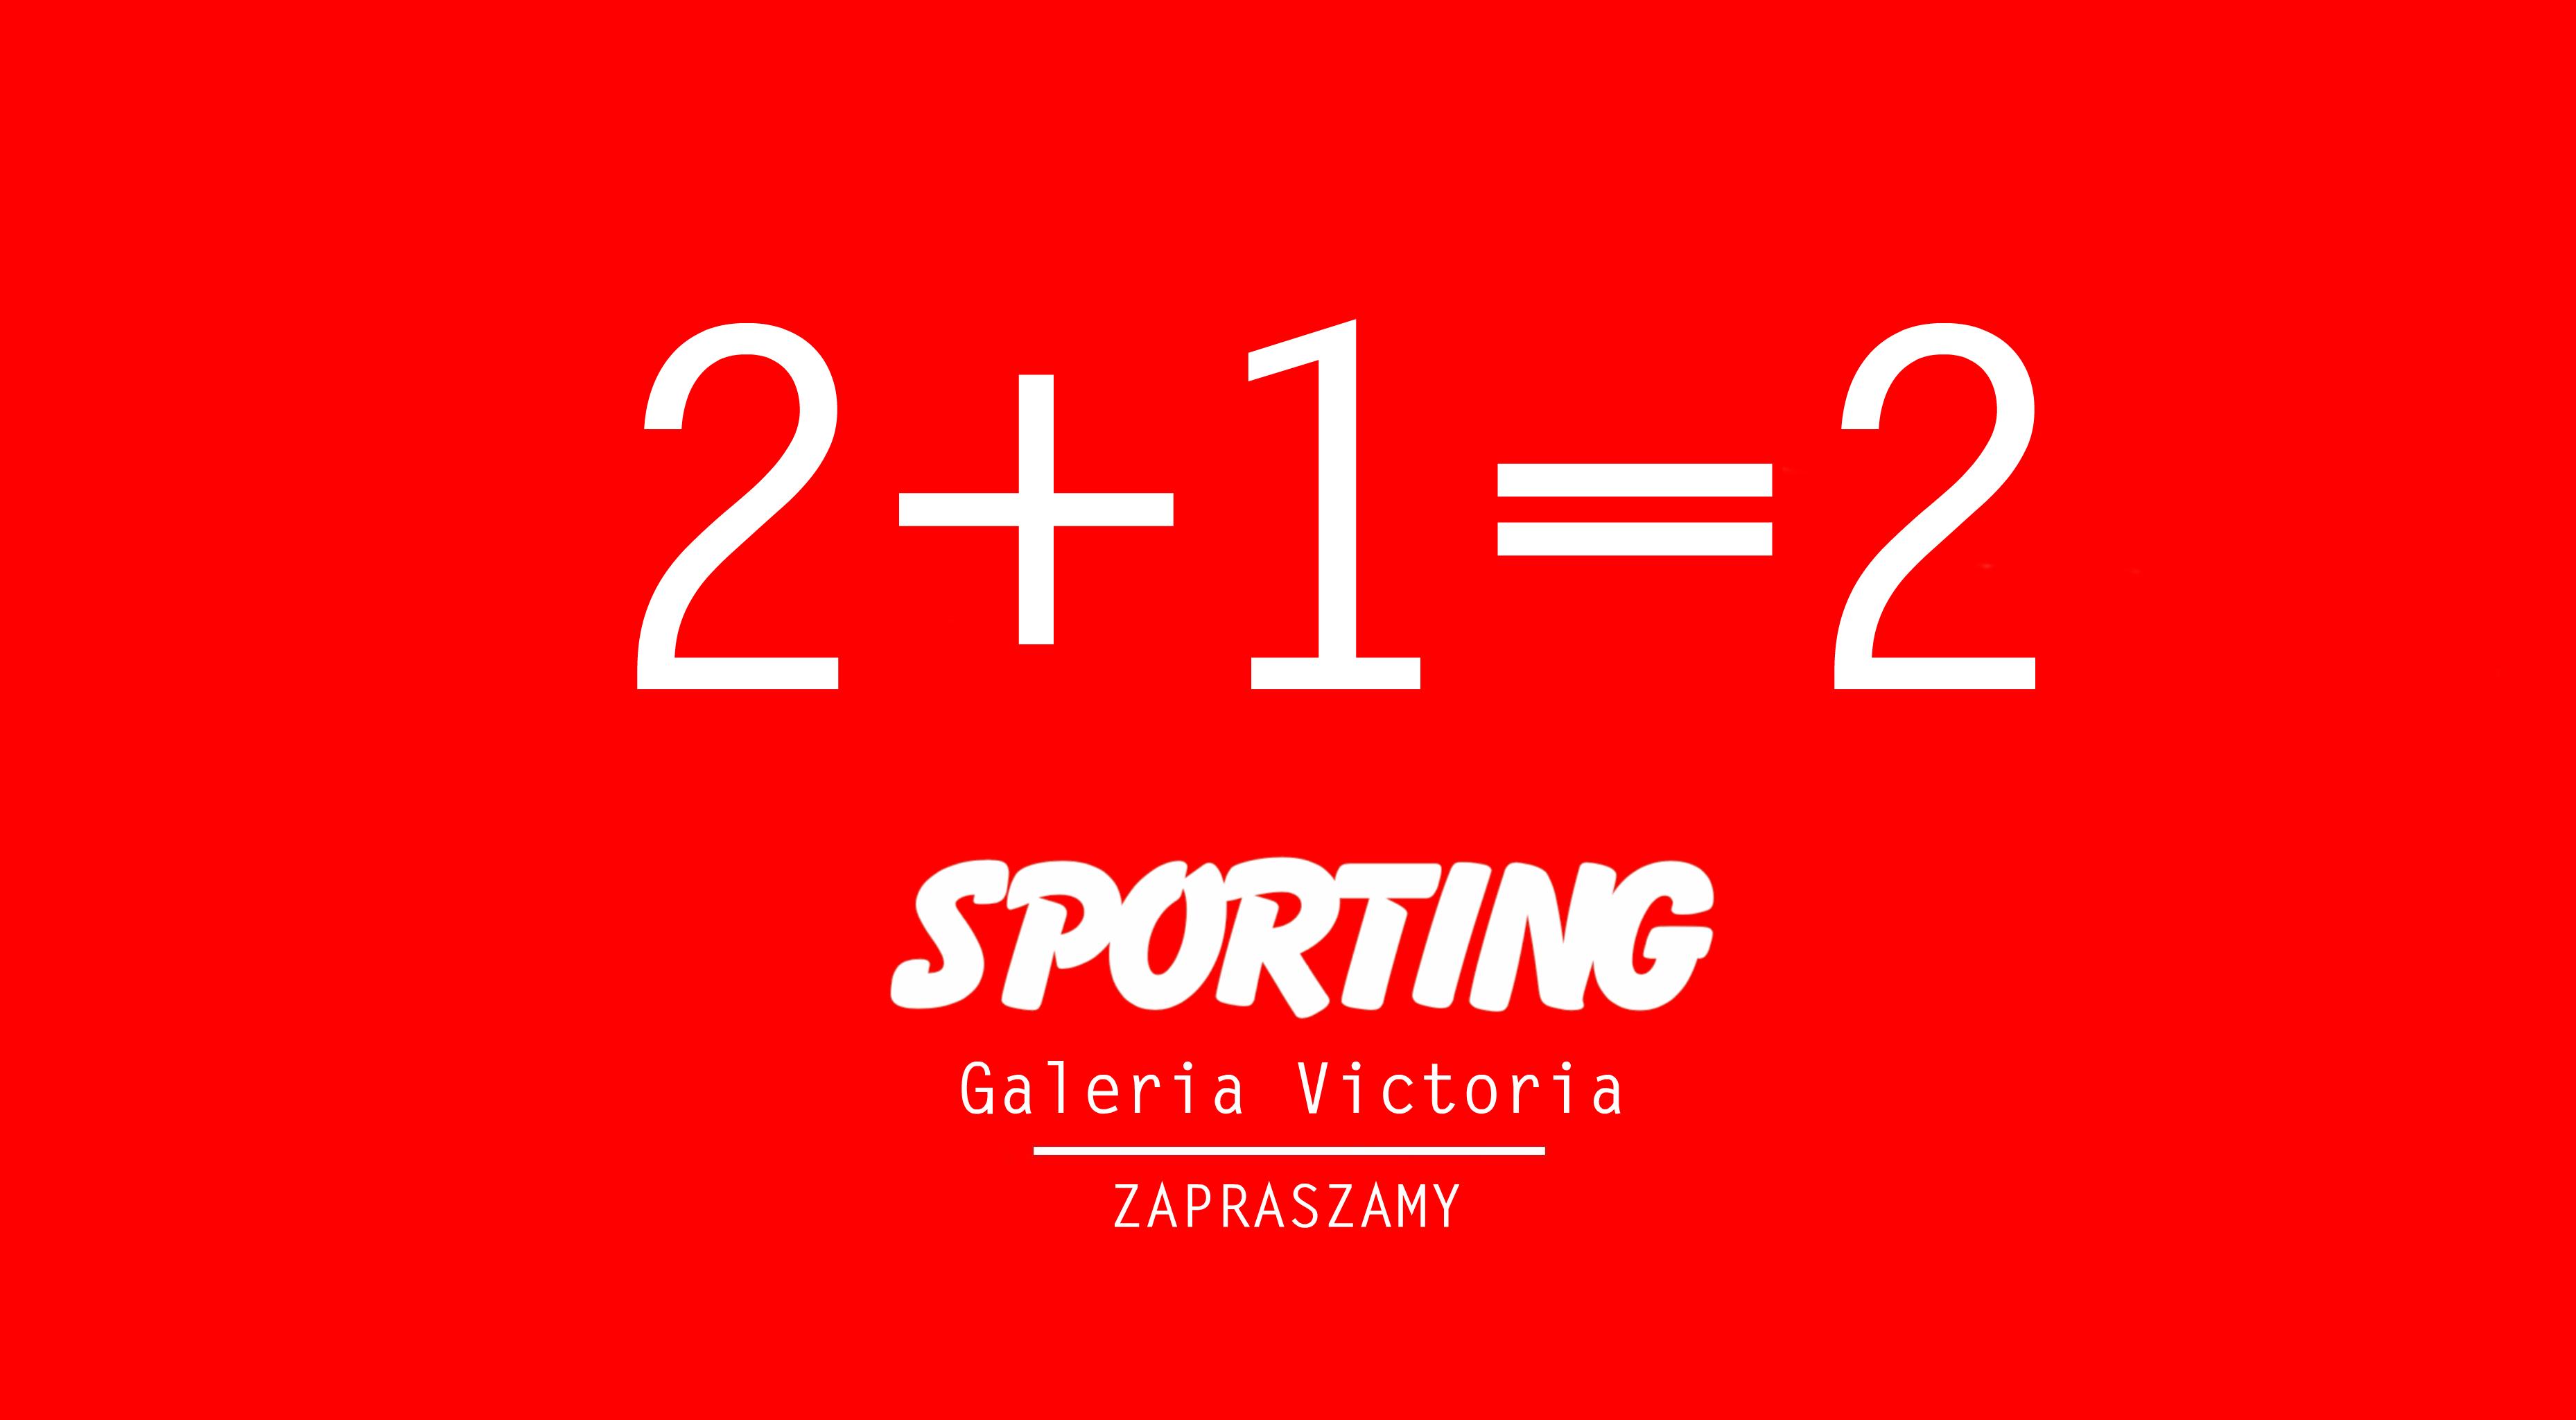 likwidacja sklepu sporting galeria victoria wałbrzych